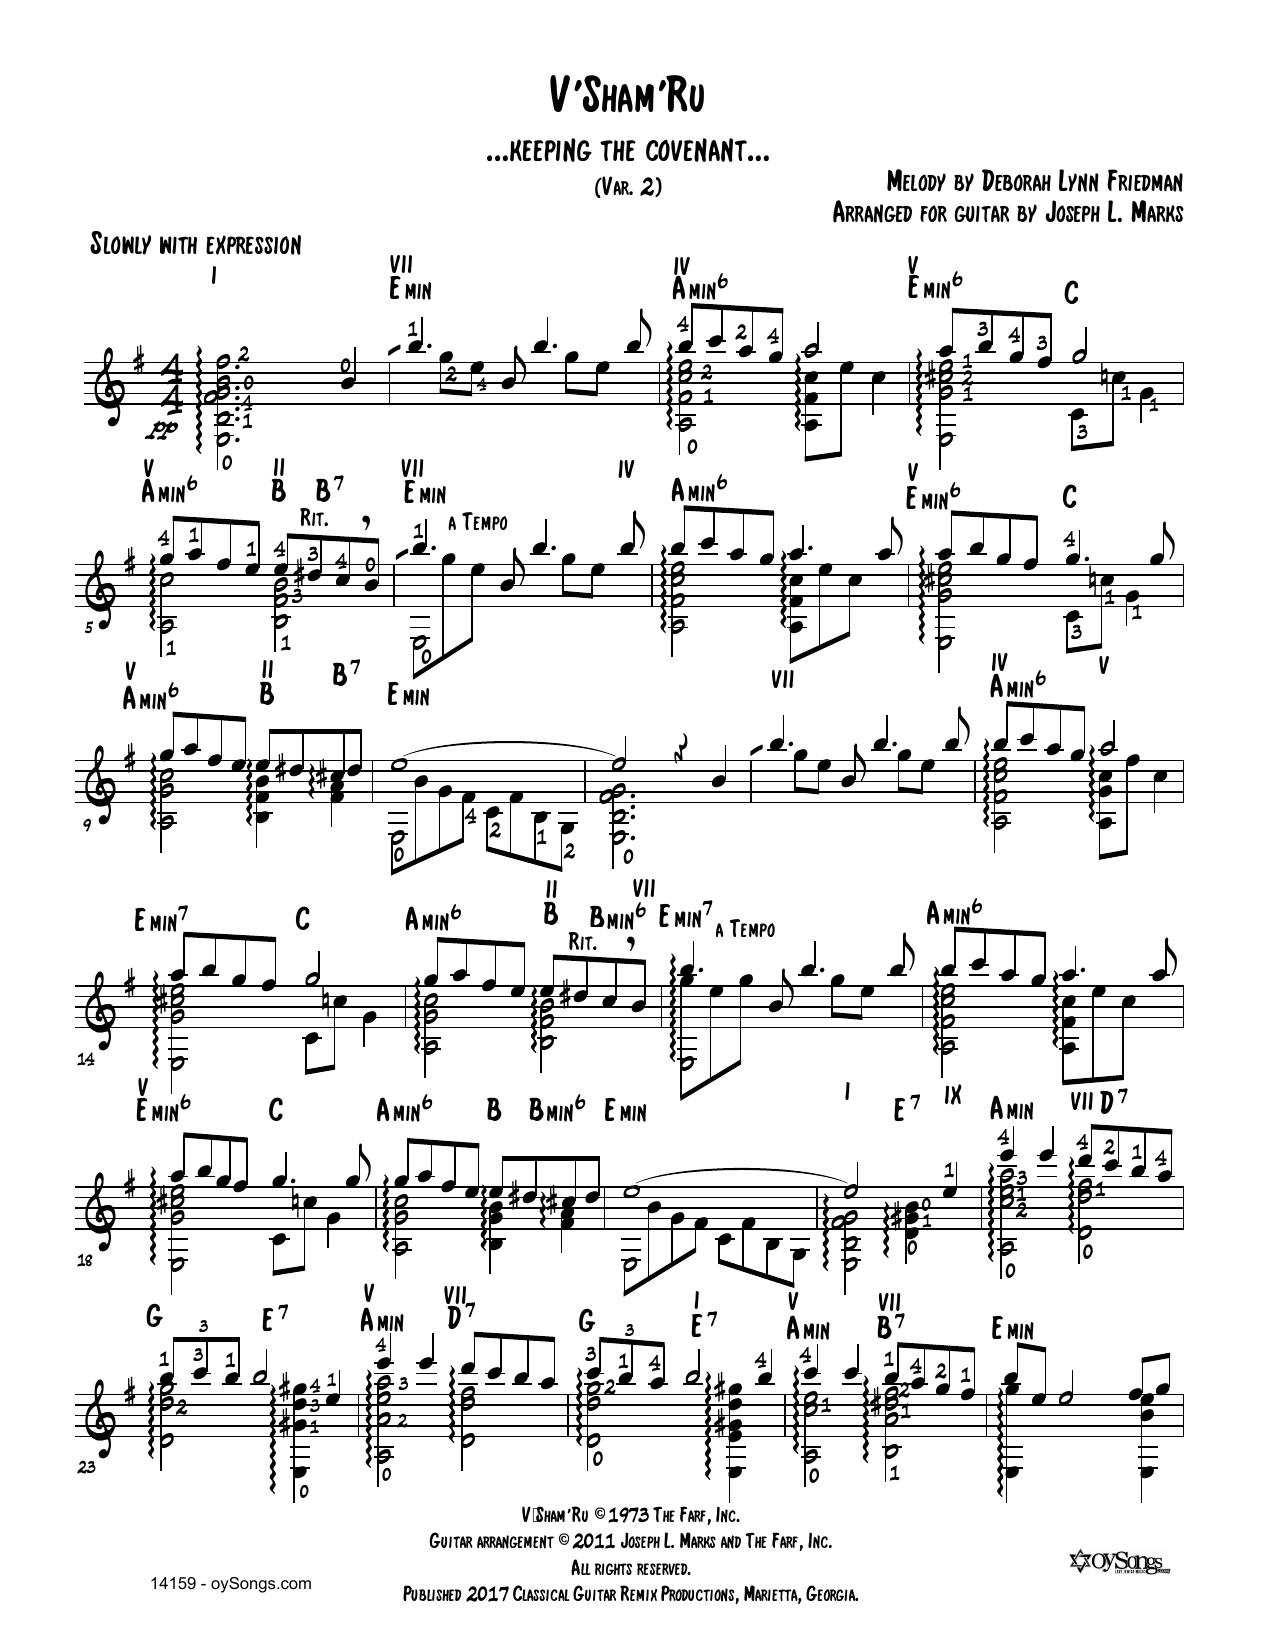 V'shamru Var 2 Sheet Music